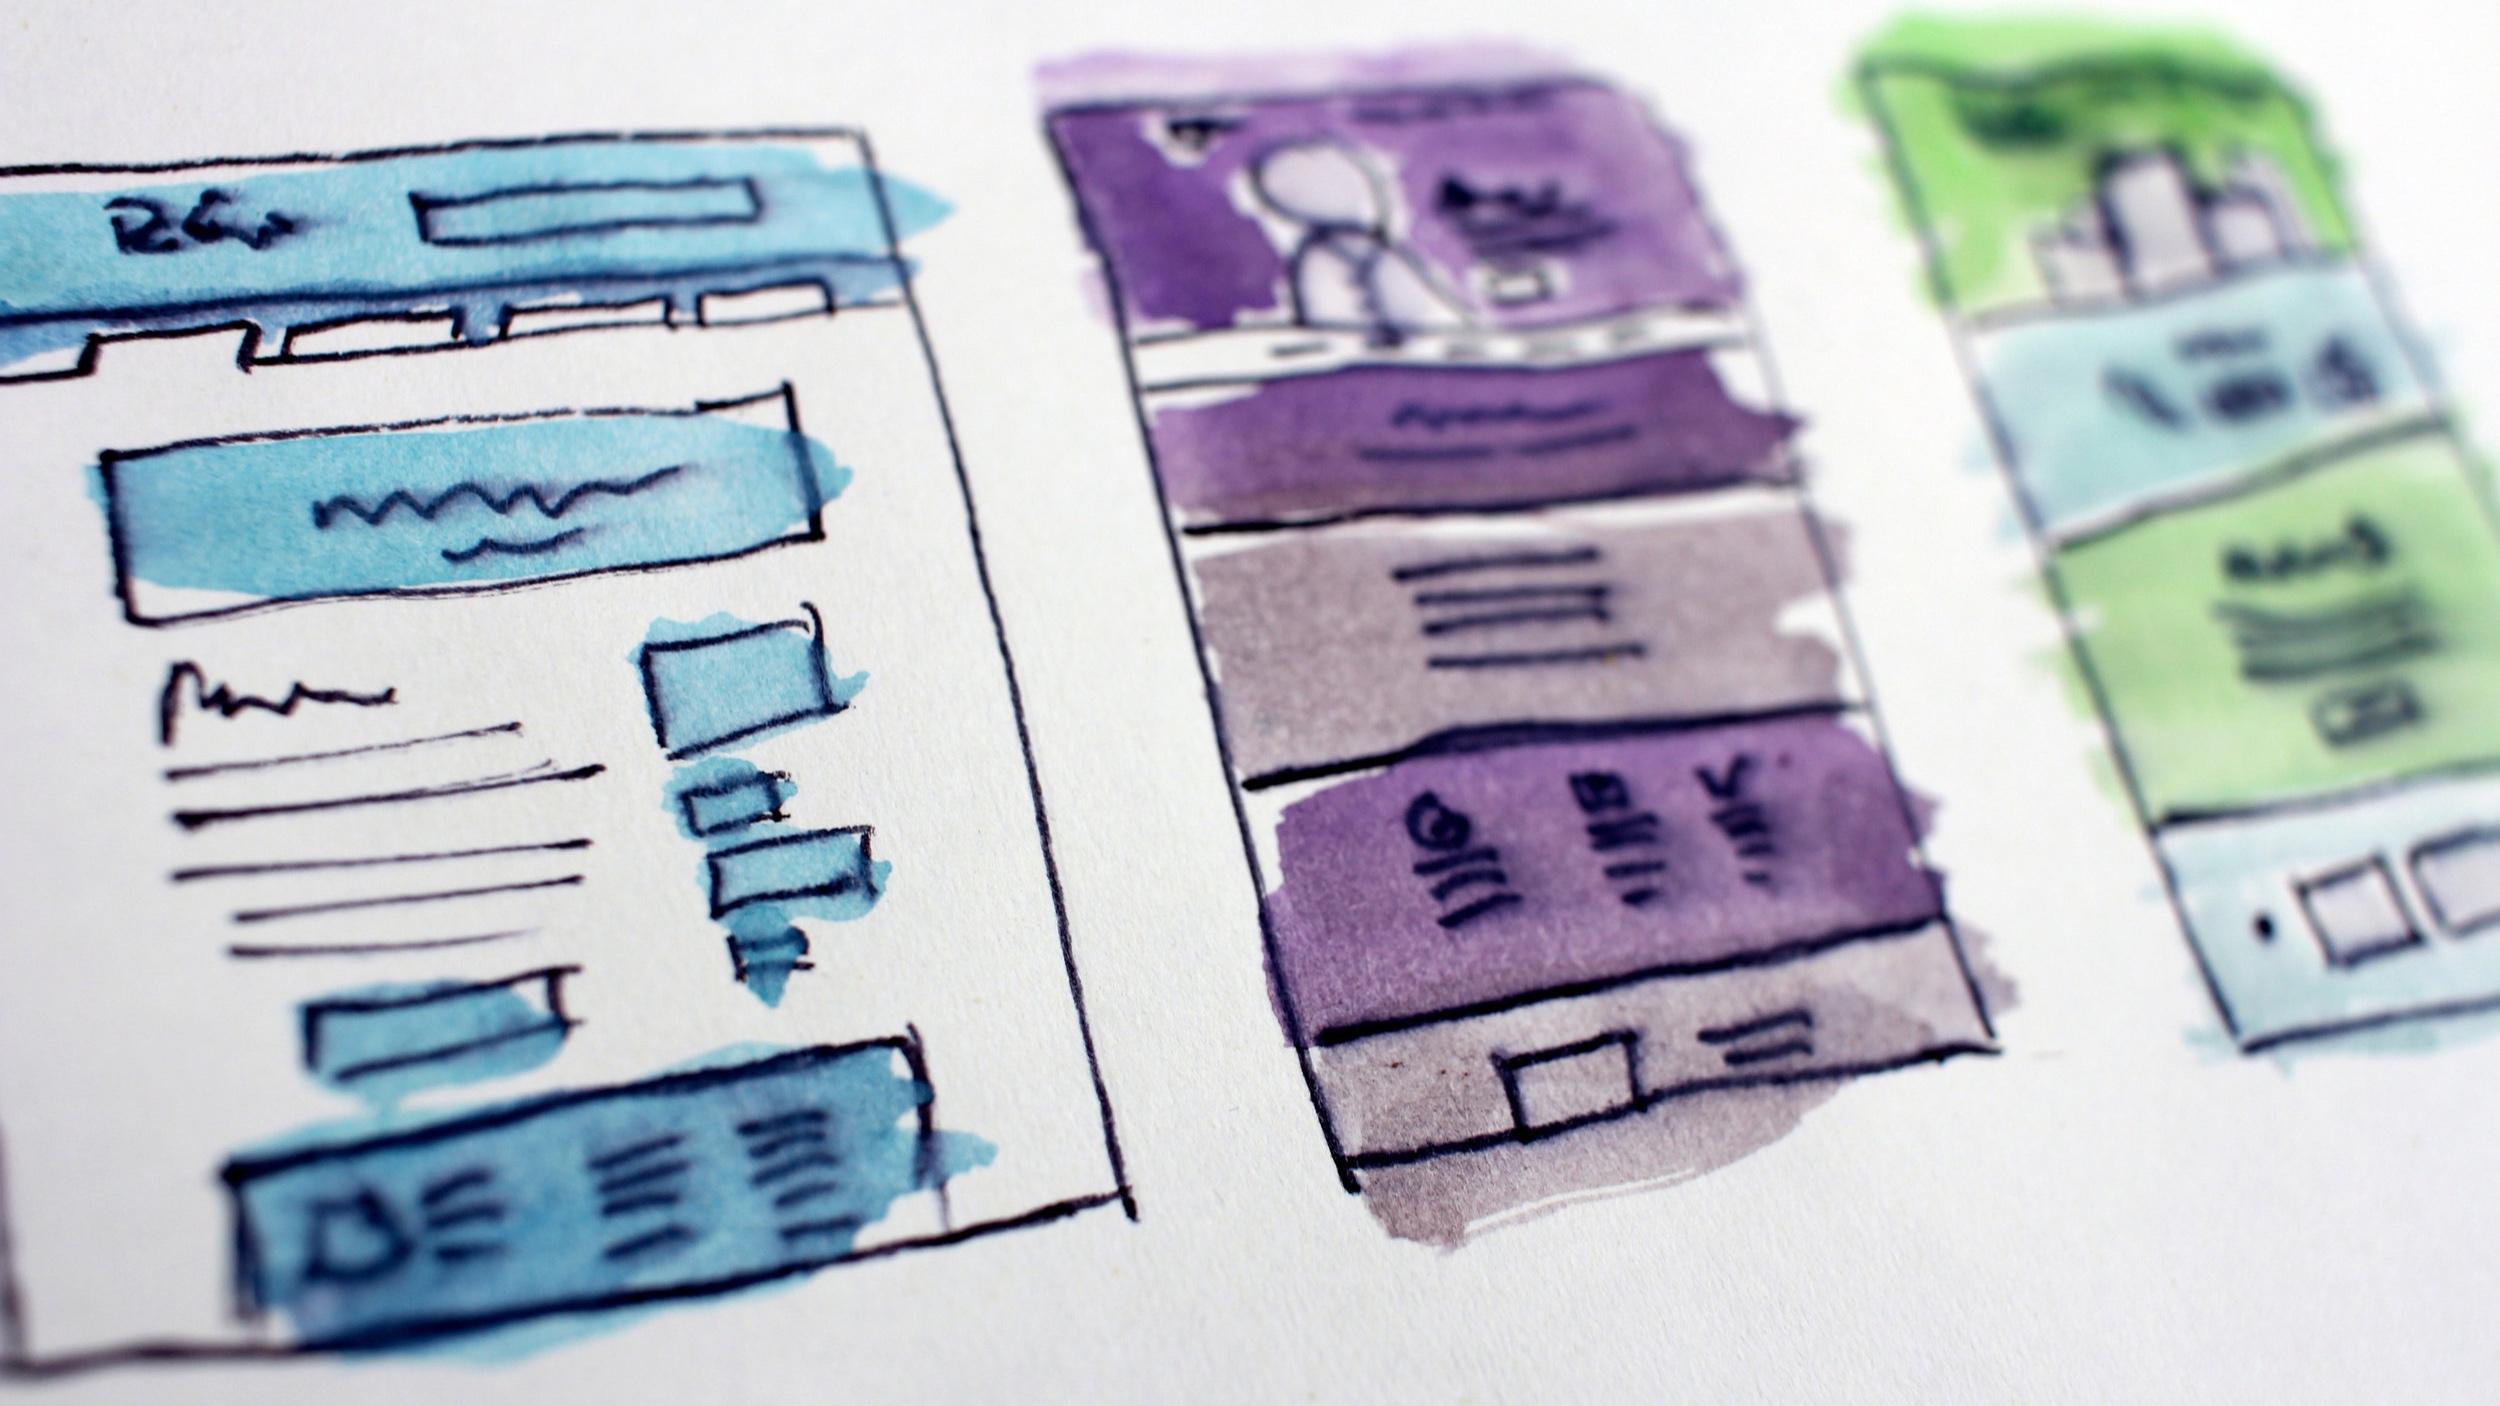 Testing & prototyping - Binnen 5 dagen weet jij of jou (bedrijfs)idee levensvatbaar is.Wij testen jouw nieuwe (bedrijfs) idee of prototype in 5 dagen. Hiermee geven we je snel inzicht waardoor het idee aangepast/verbeterd kan worden en de time-to-market wordt versneld.Een idee testen en verbeteren in een korte tijdsperiode, wat wil je nog meer?